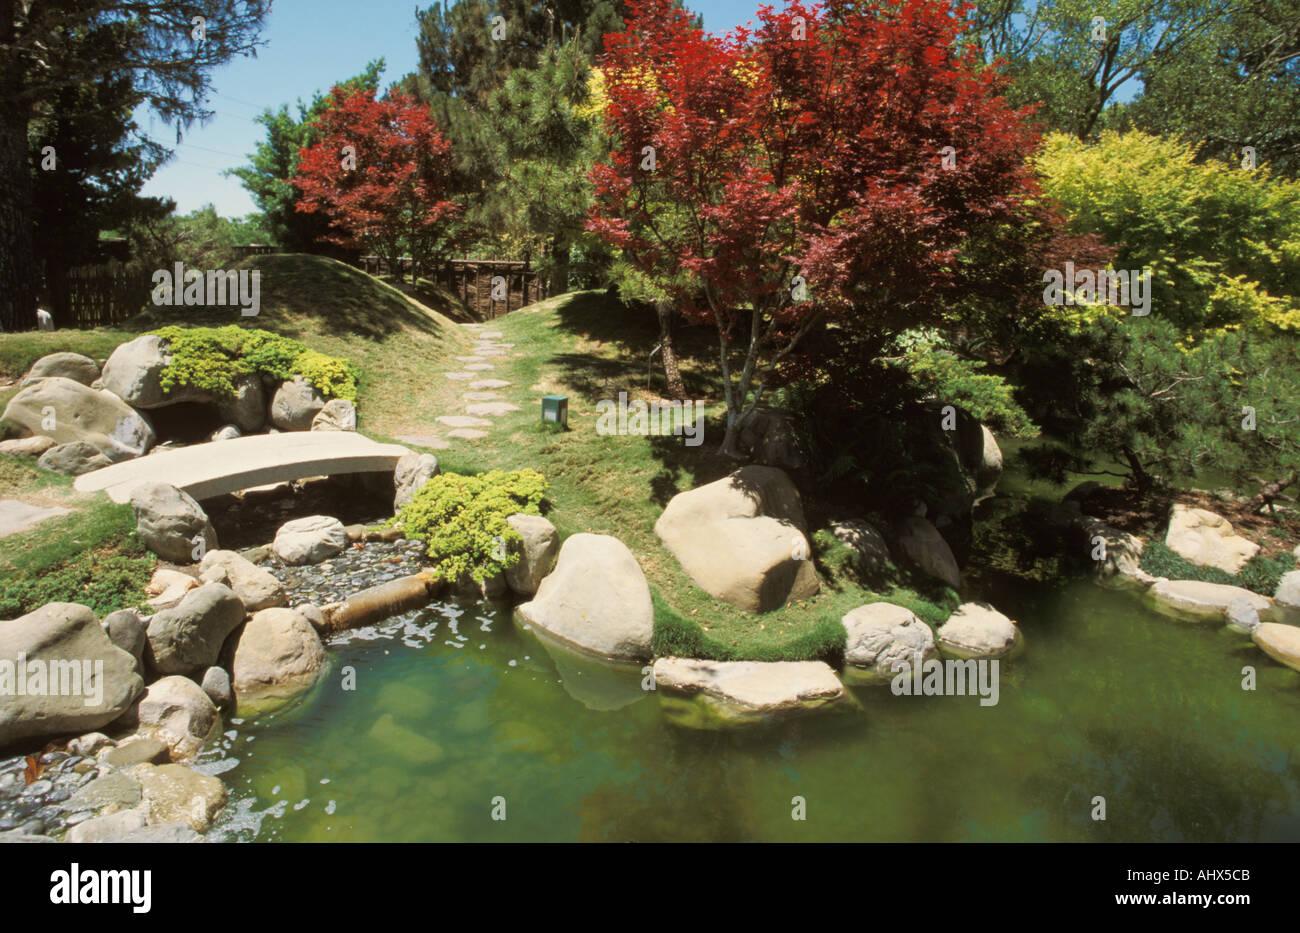 San Antonio Botanical Garden Stock Photos & San Antonio Botanical ...